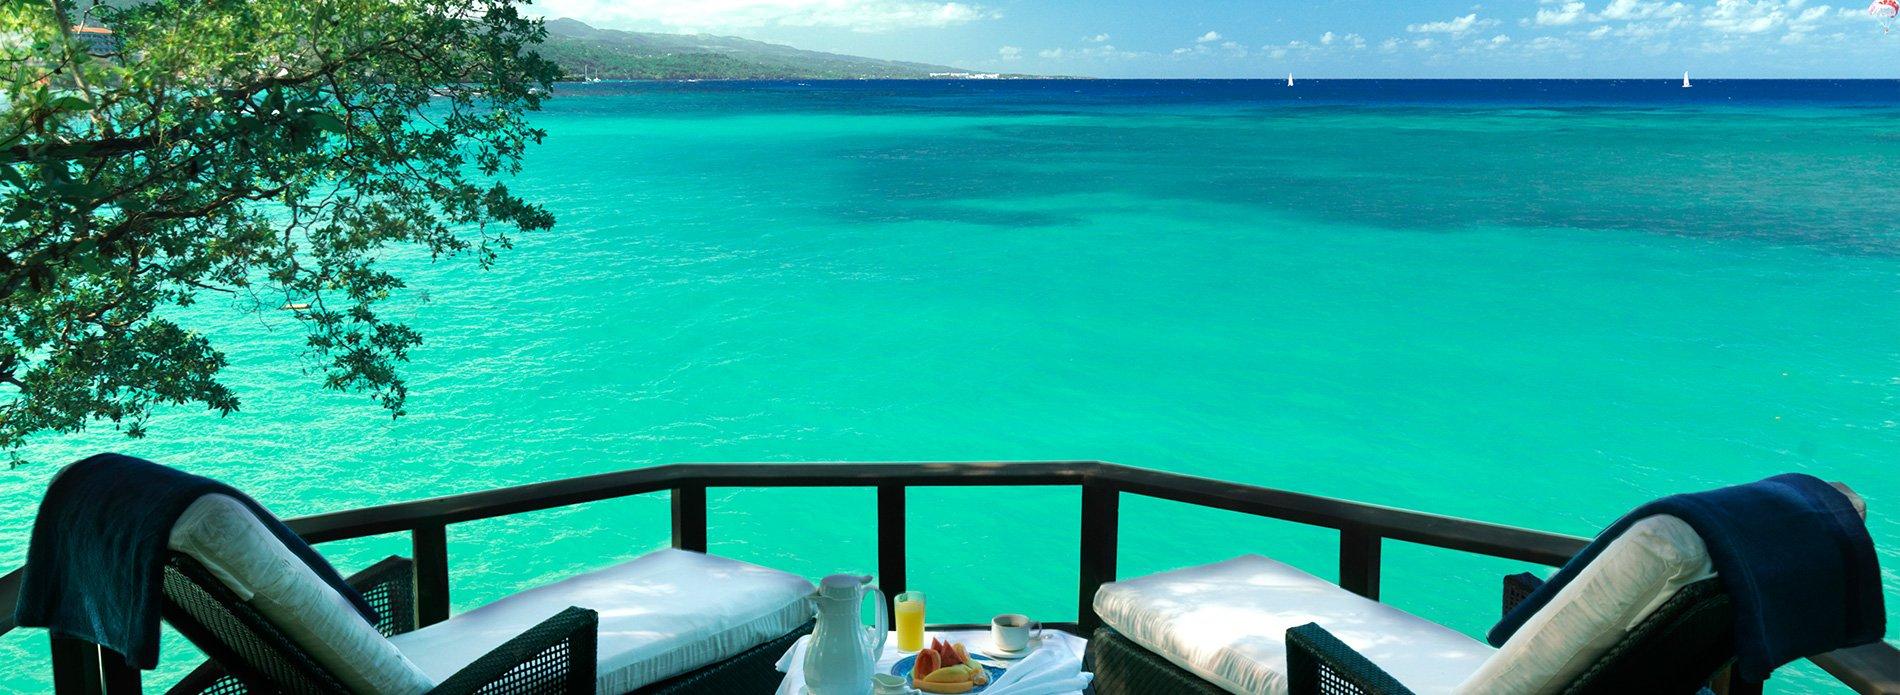 jamaica-inn-caribbean